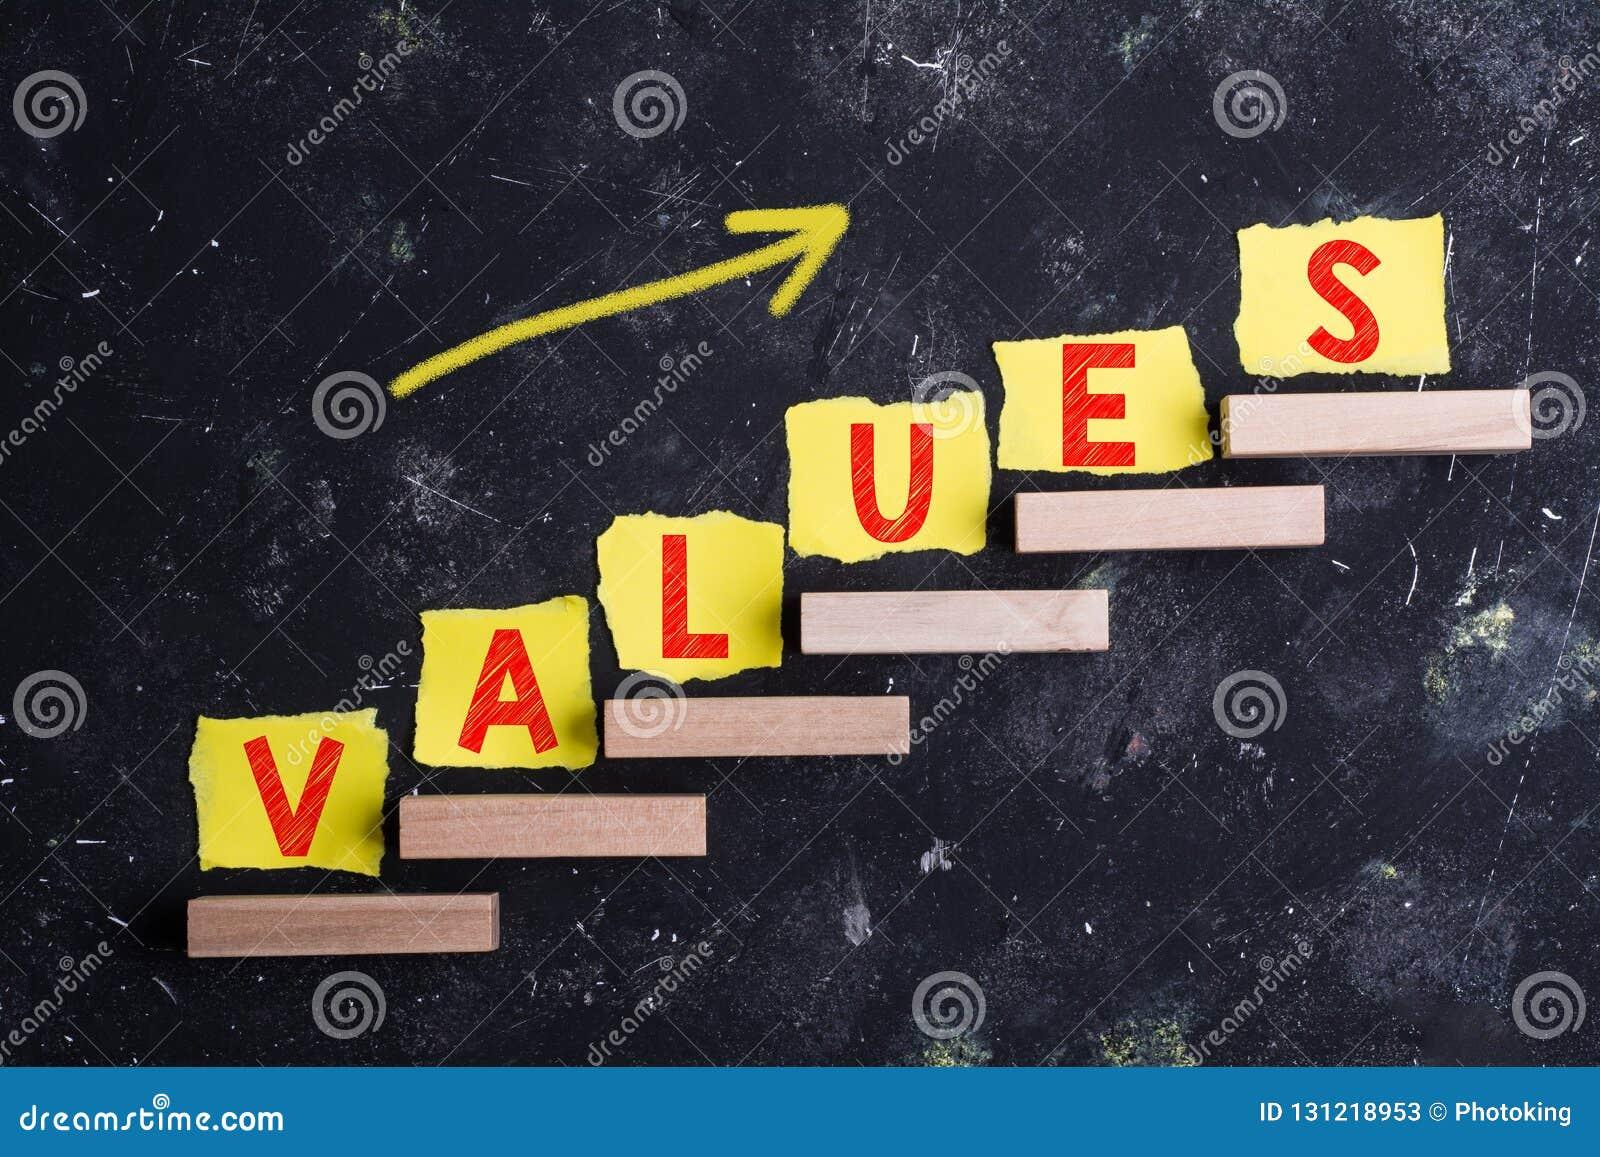 Werte fassen auf Schritten ab